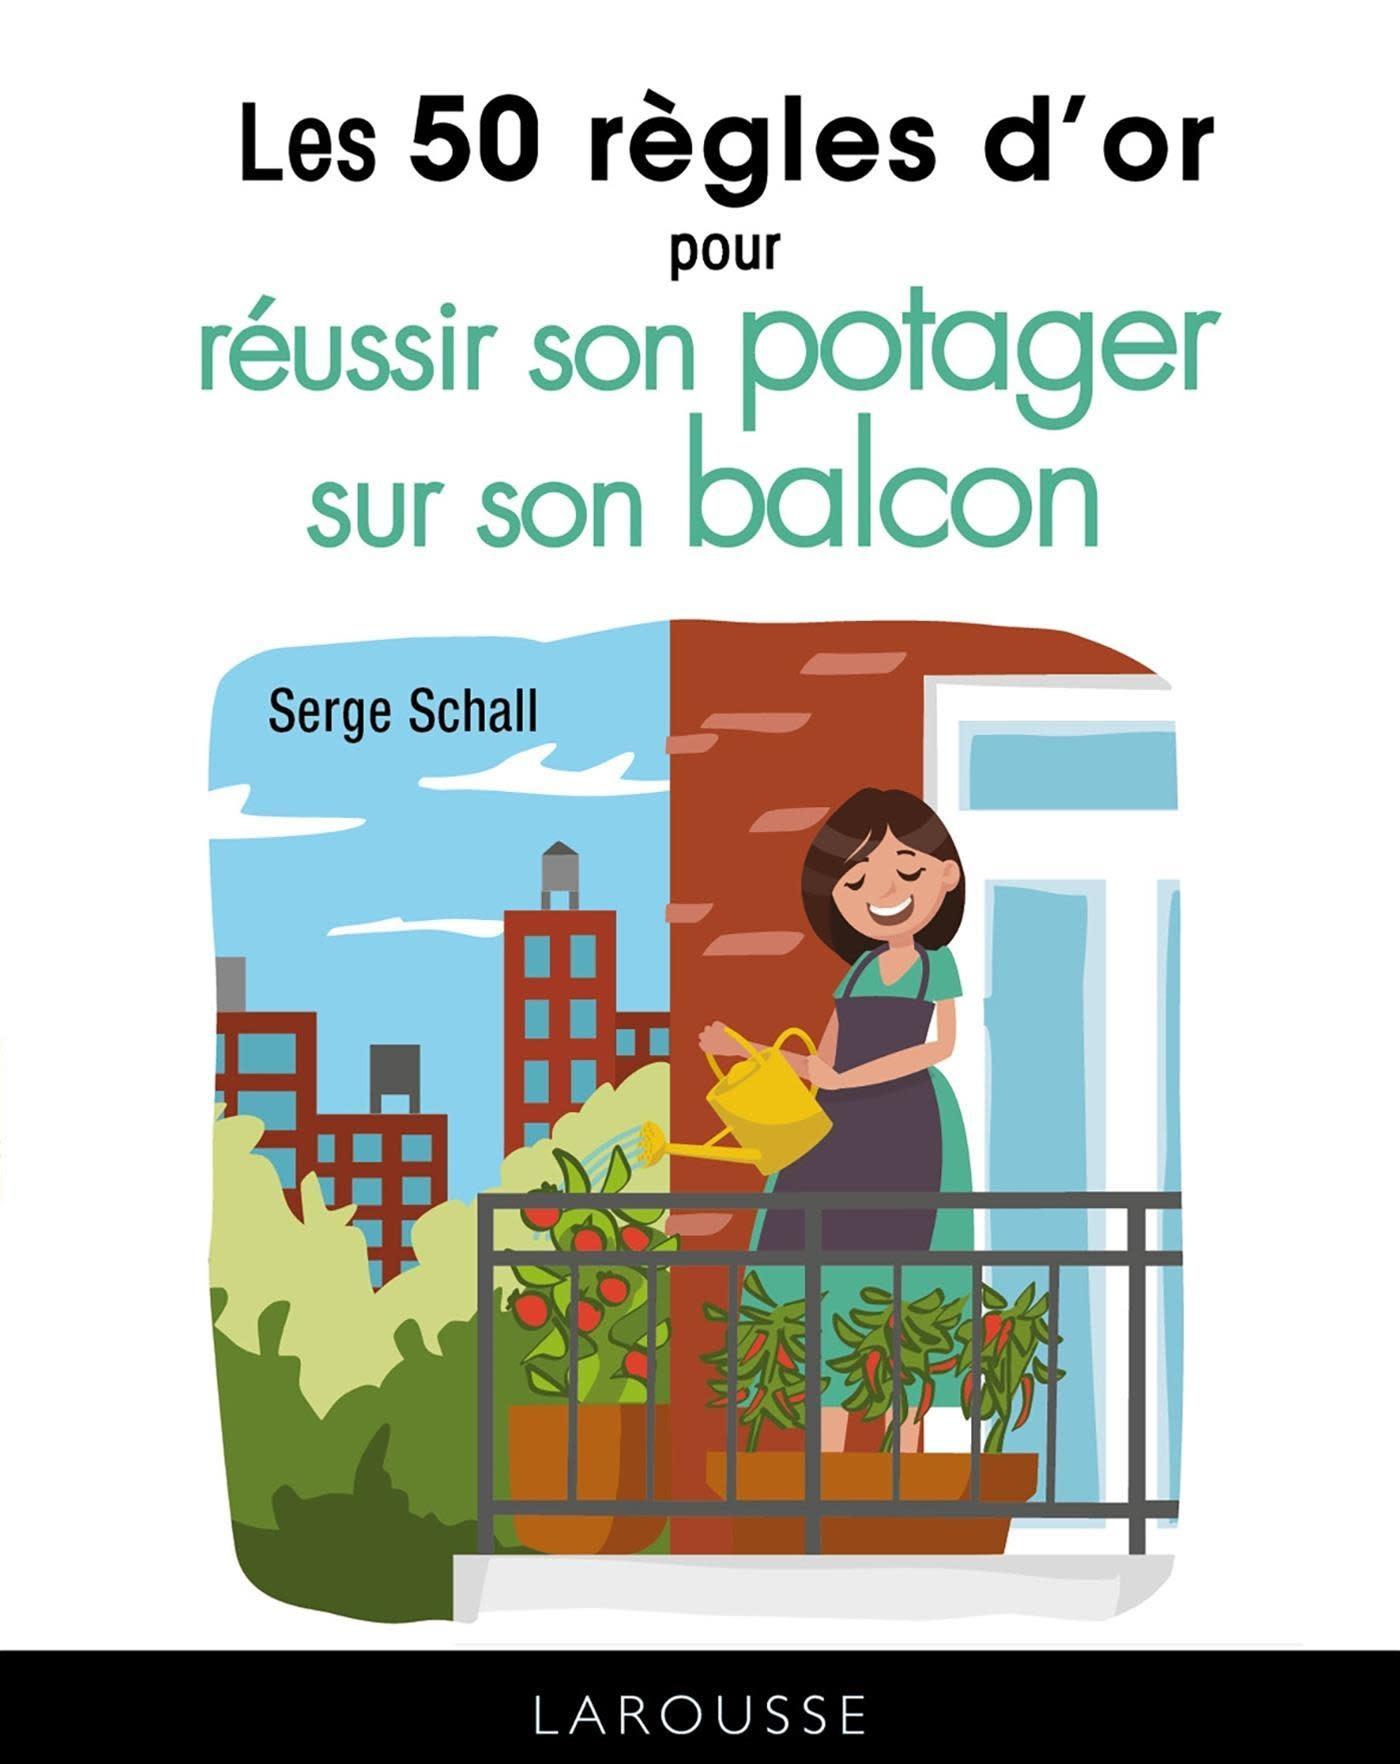 Les 50 règles d'or pour réussir son potager sur son balcon - Serge Schall - 2019